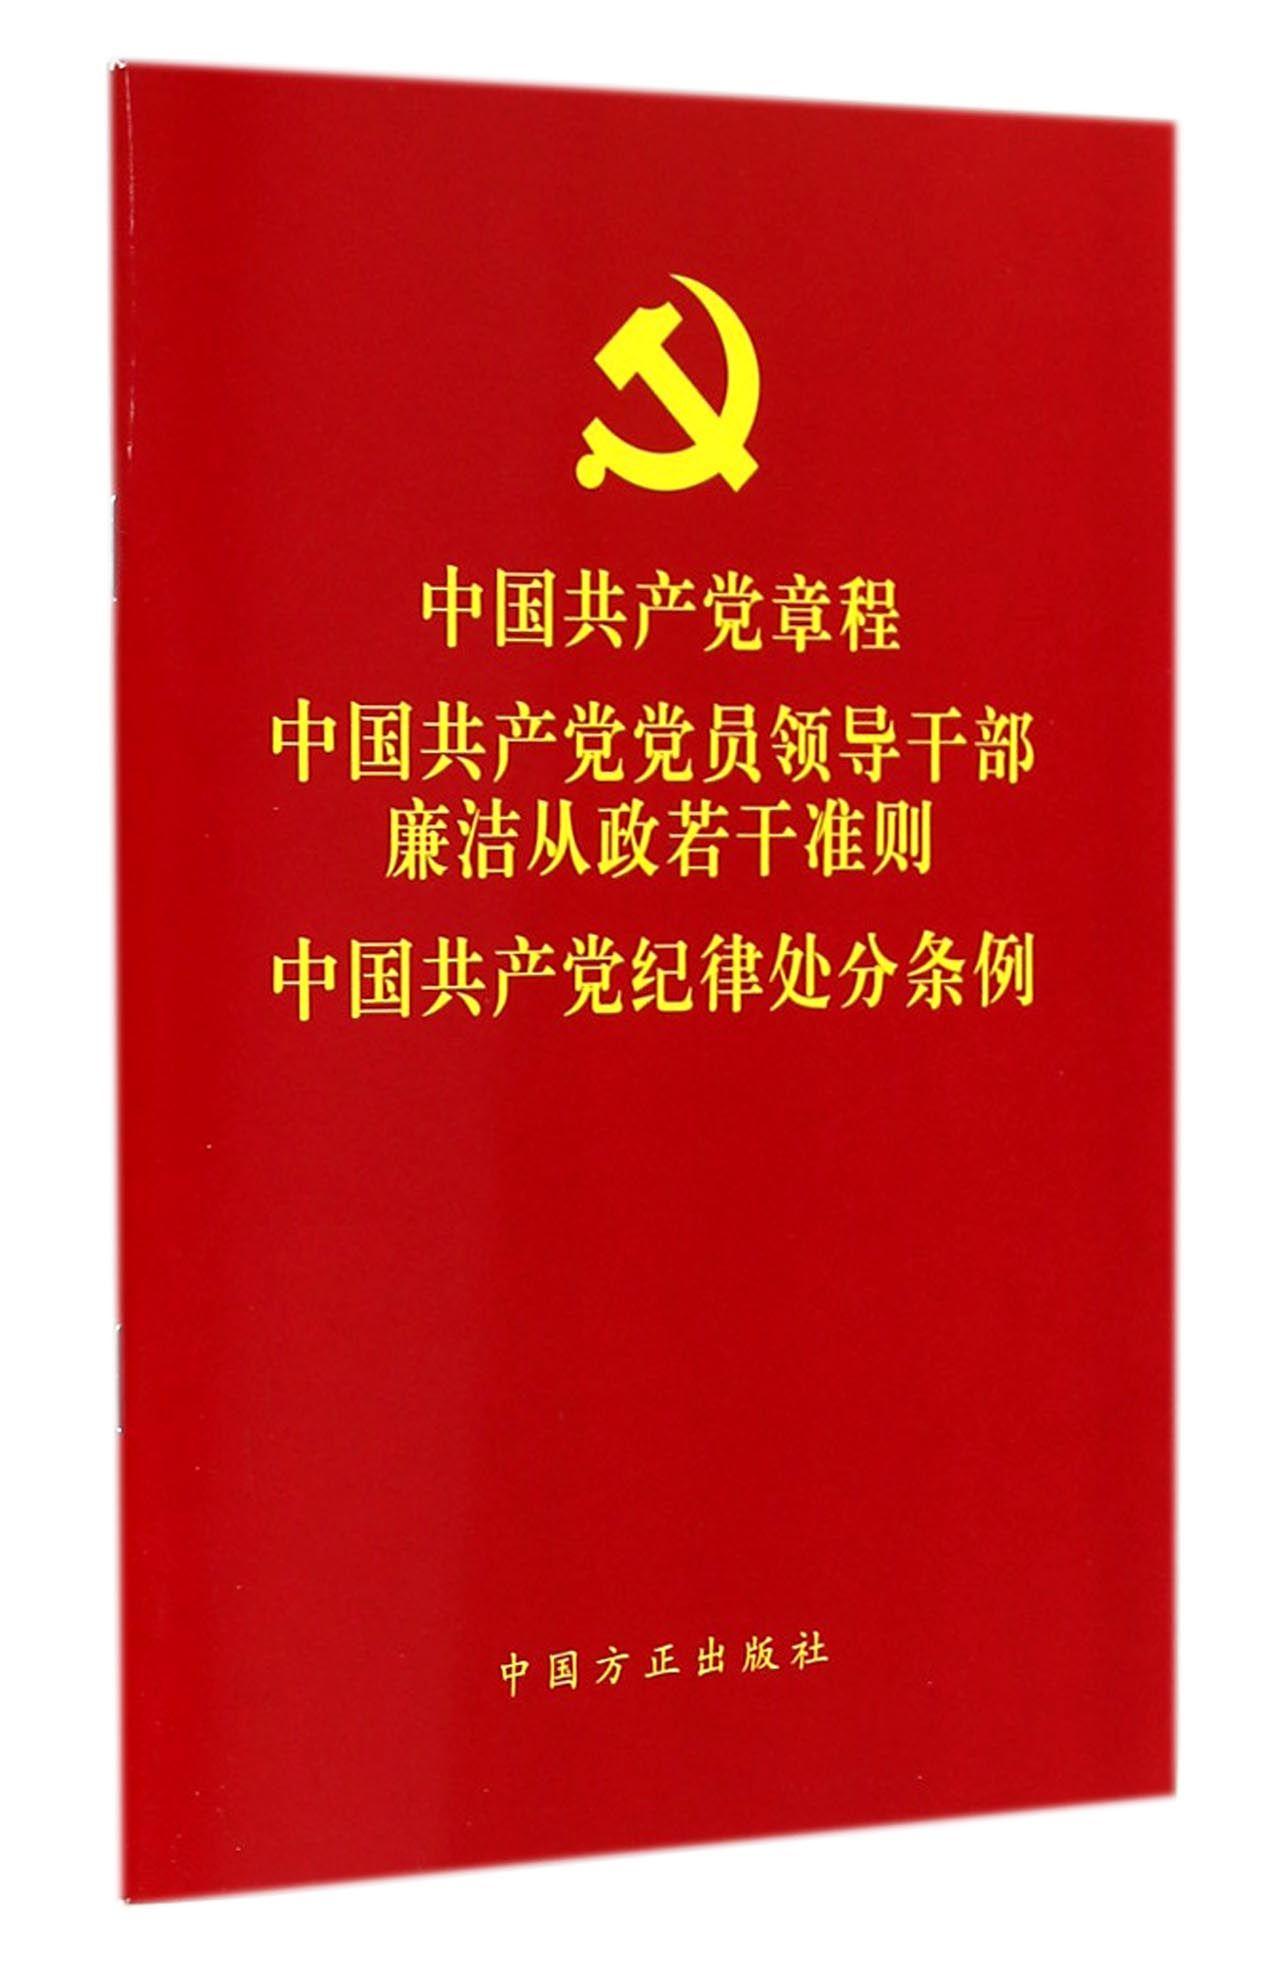 党员领导干部廉洁从政若干准则中国共产党纪律处分